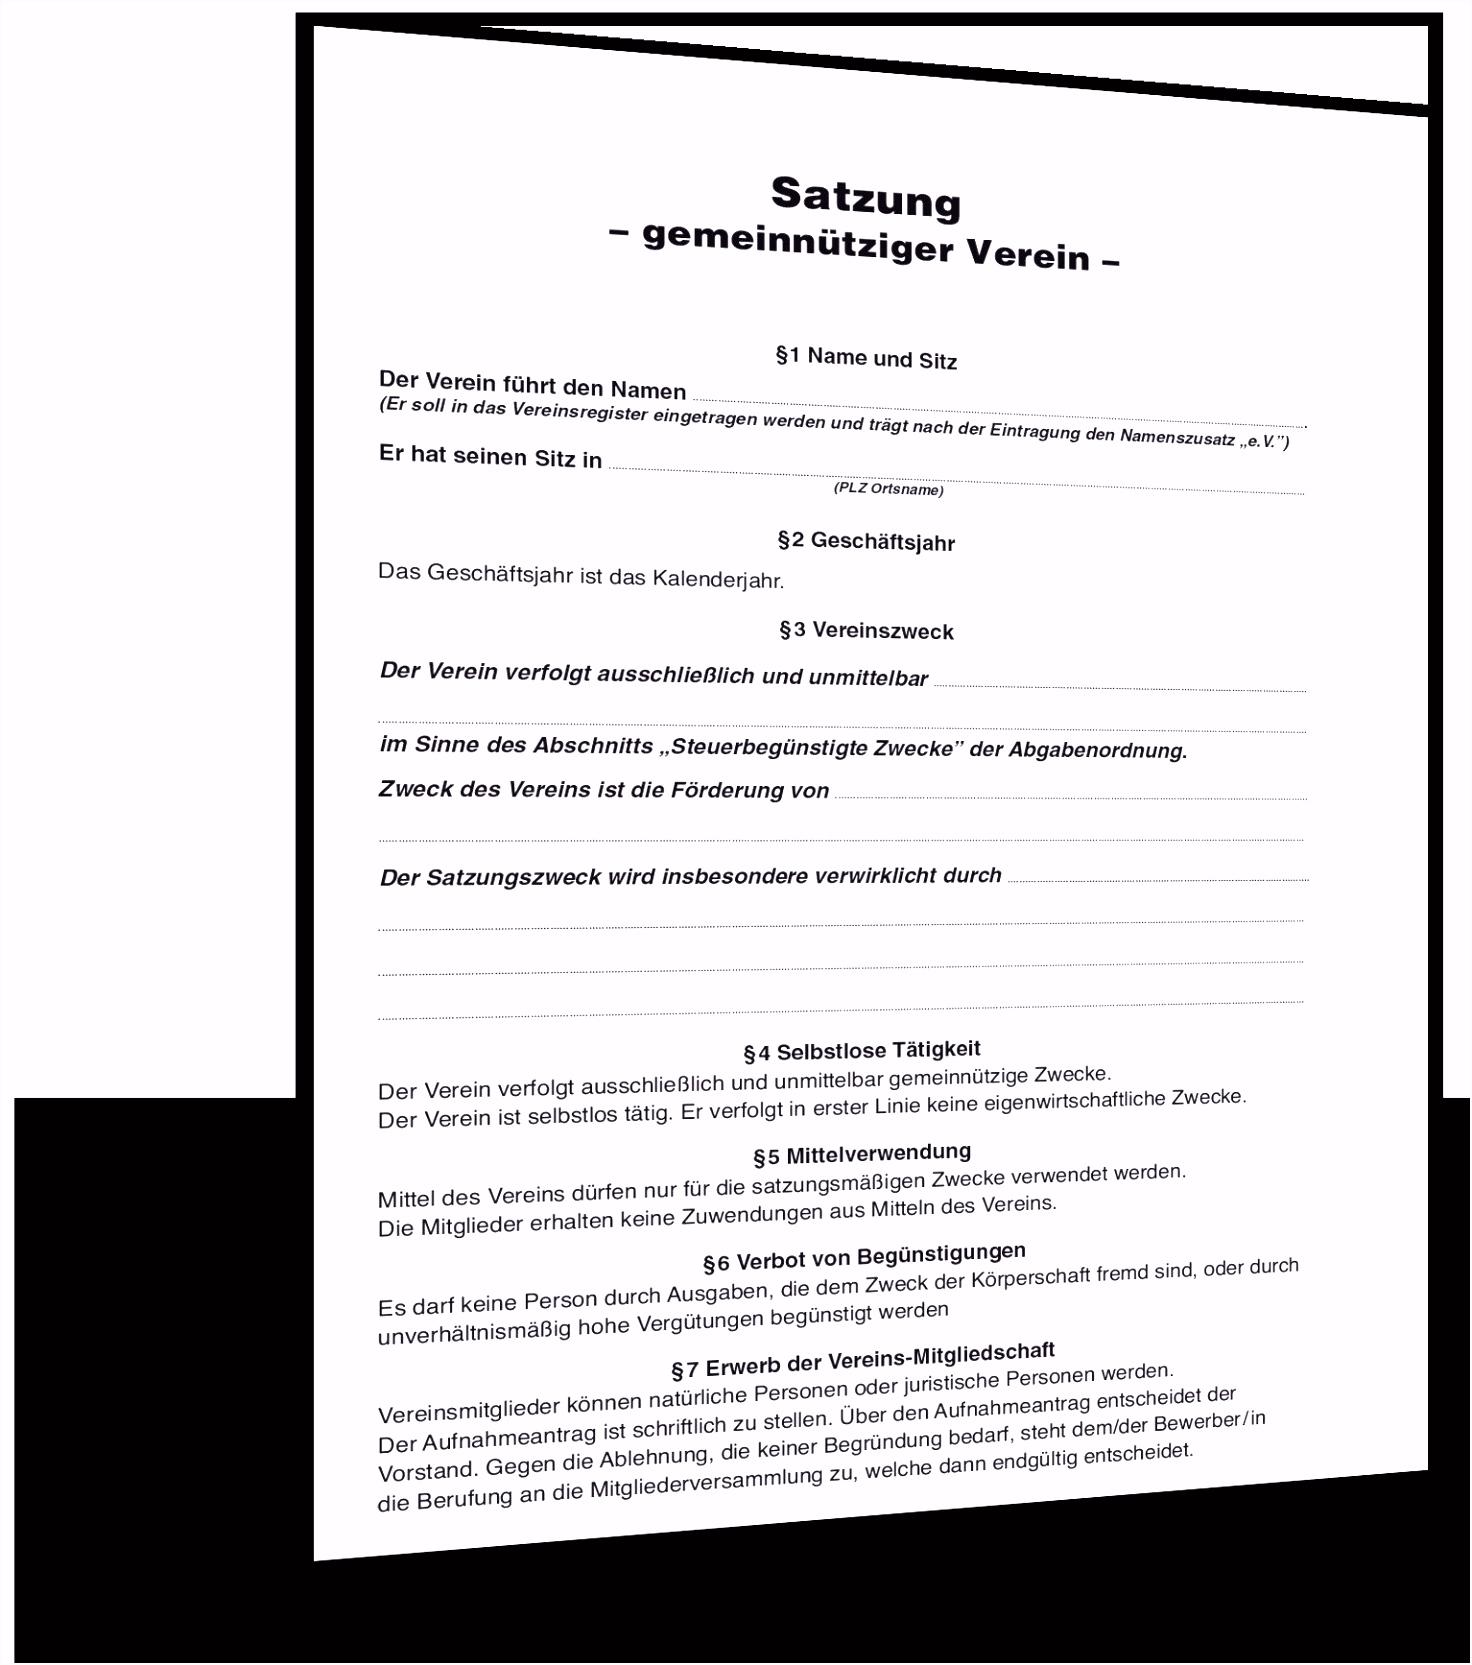 Vorlage Schadensmeldung Schön Schadensmeldung Muster V1qd43spg5 I6ywuuhaa2